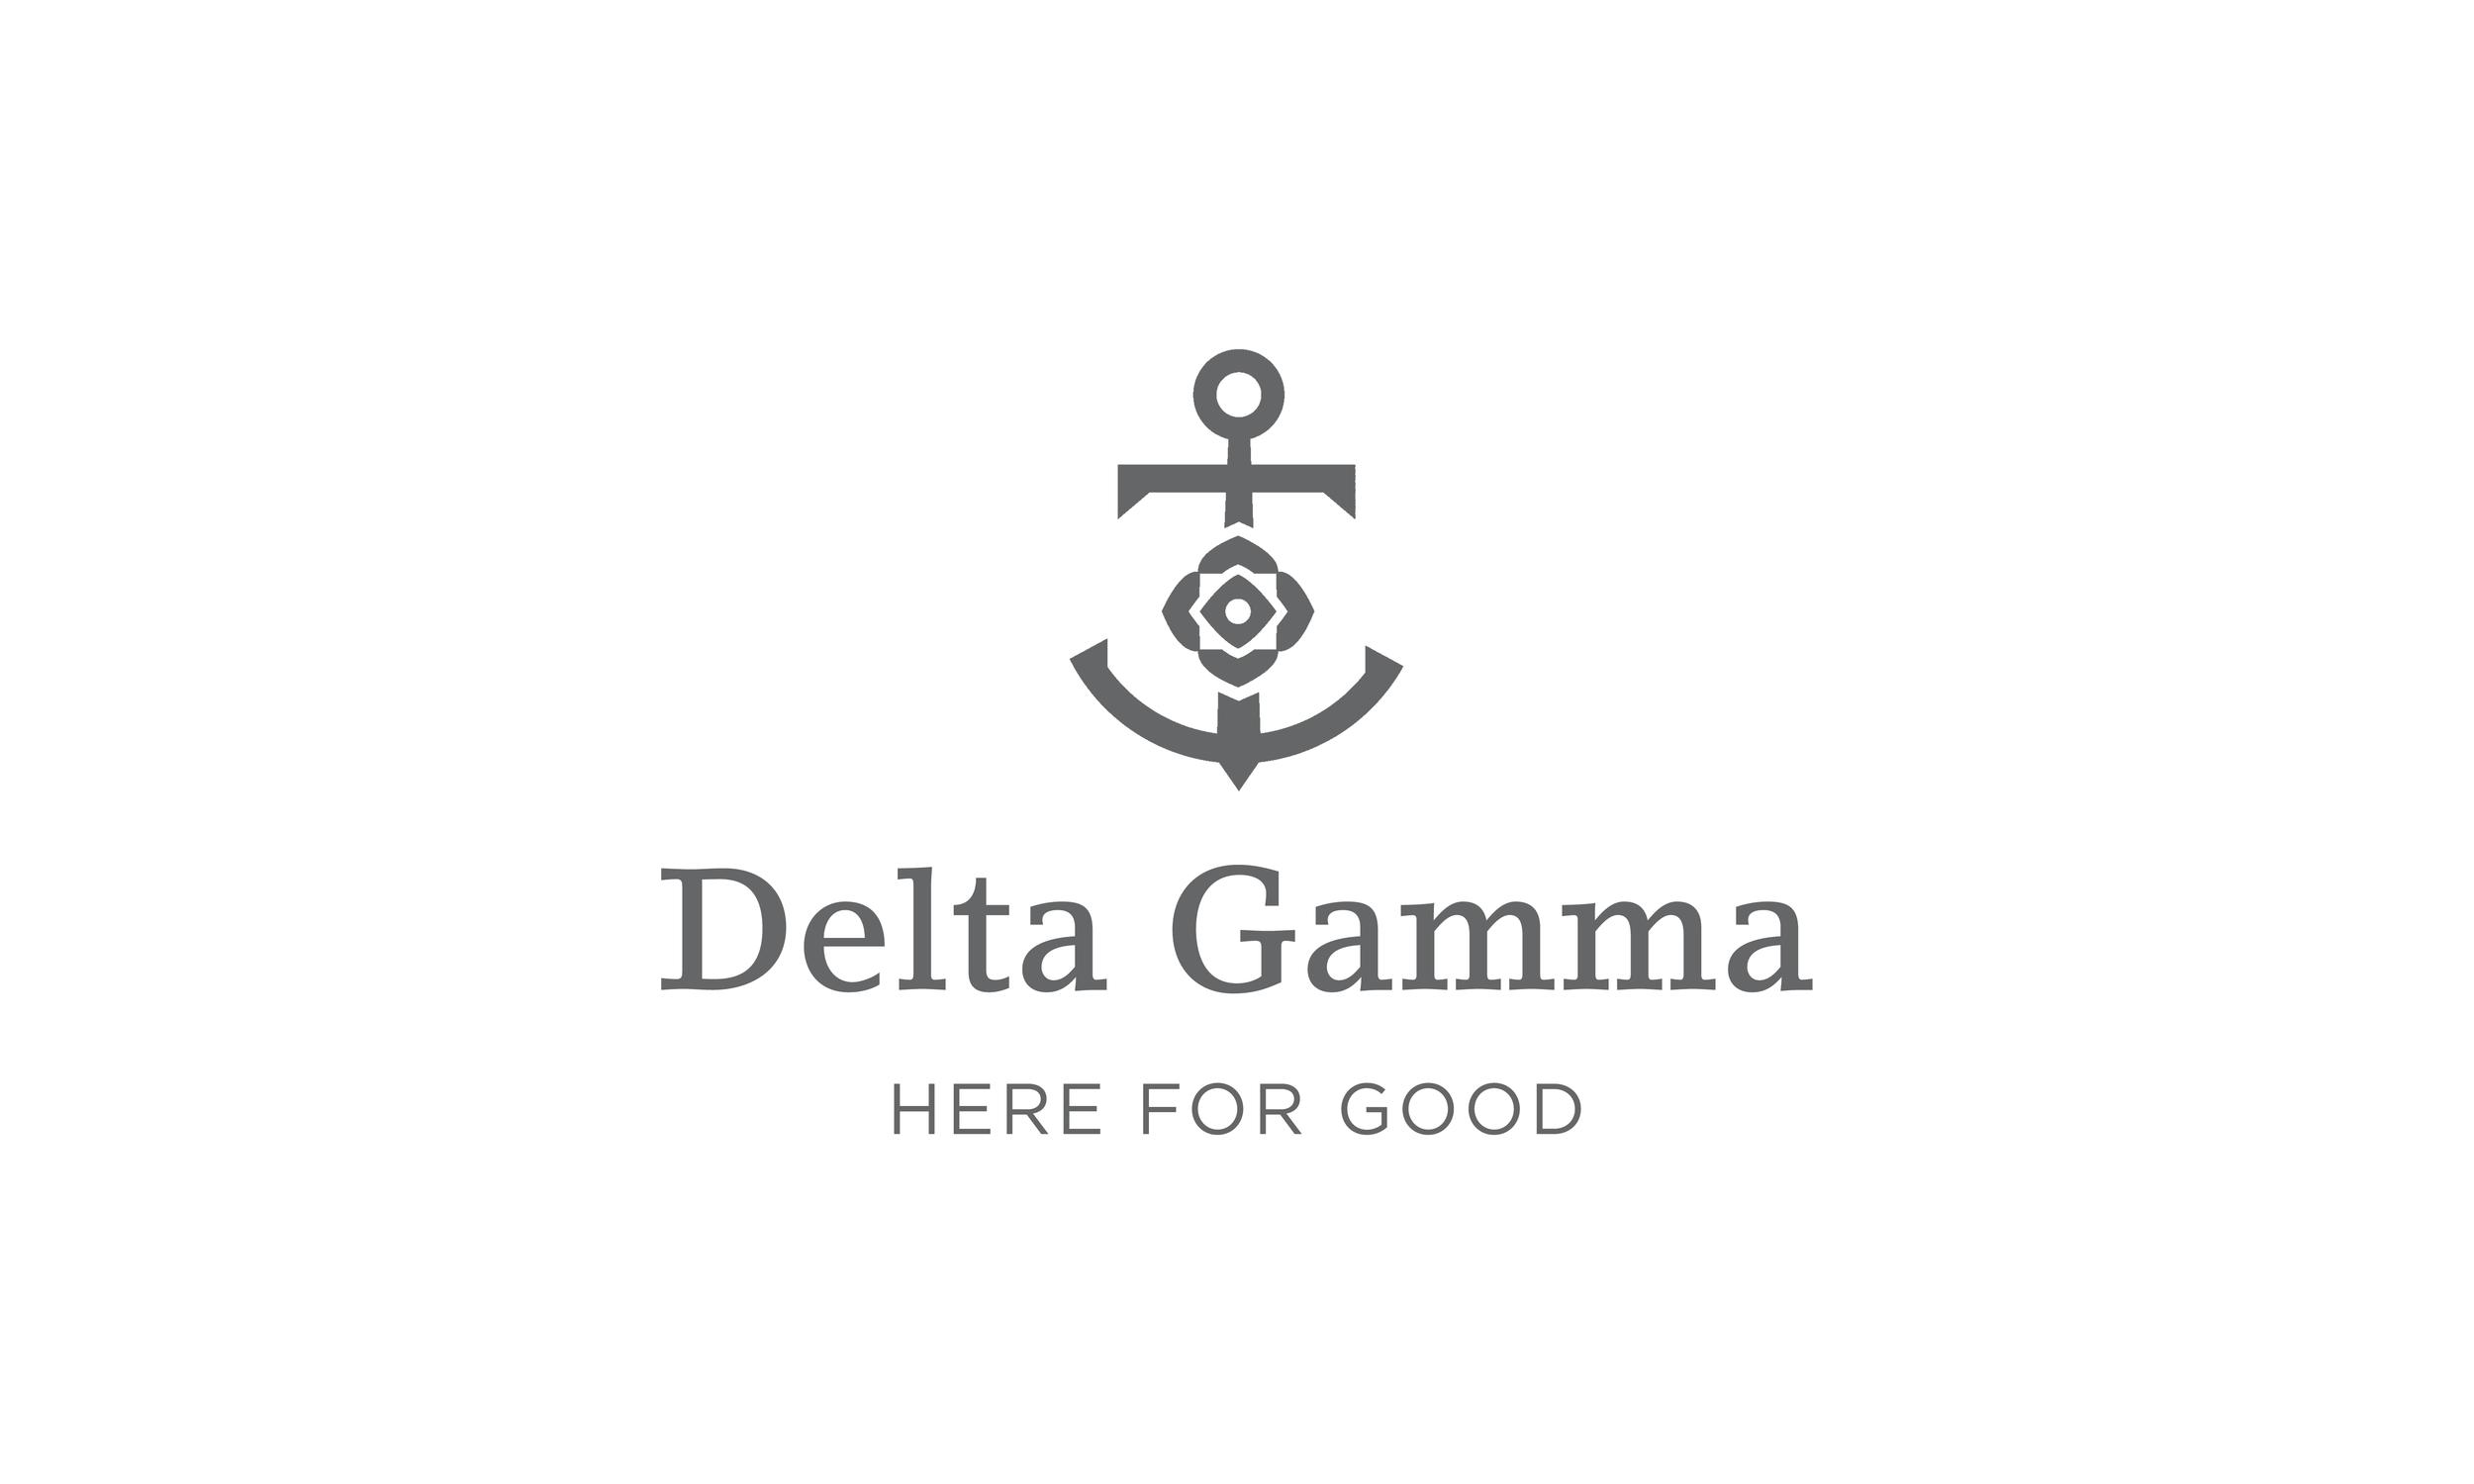 delta-gamma-extension-logo.png